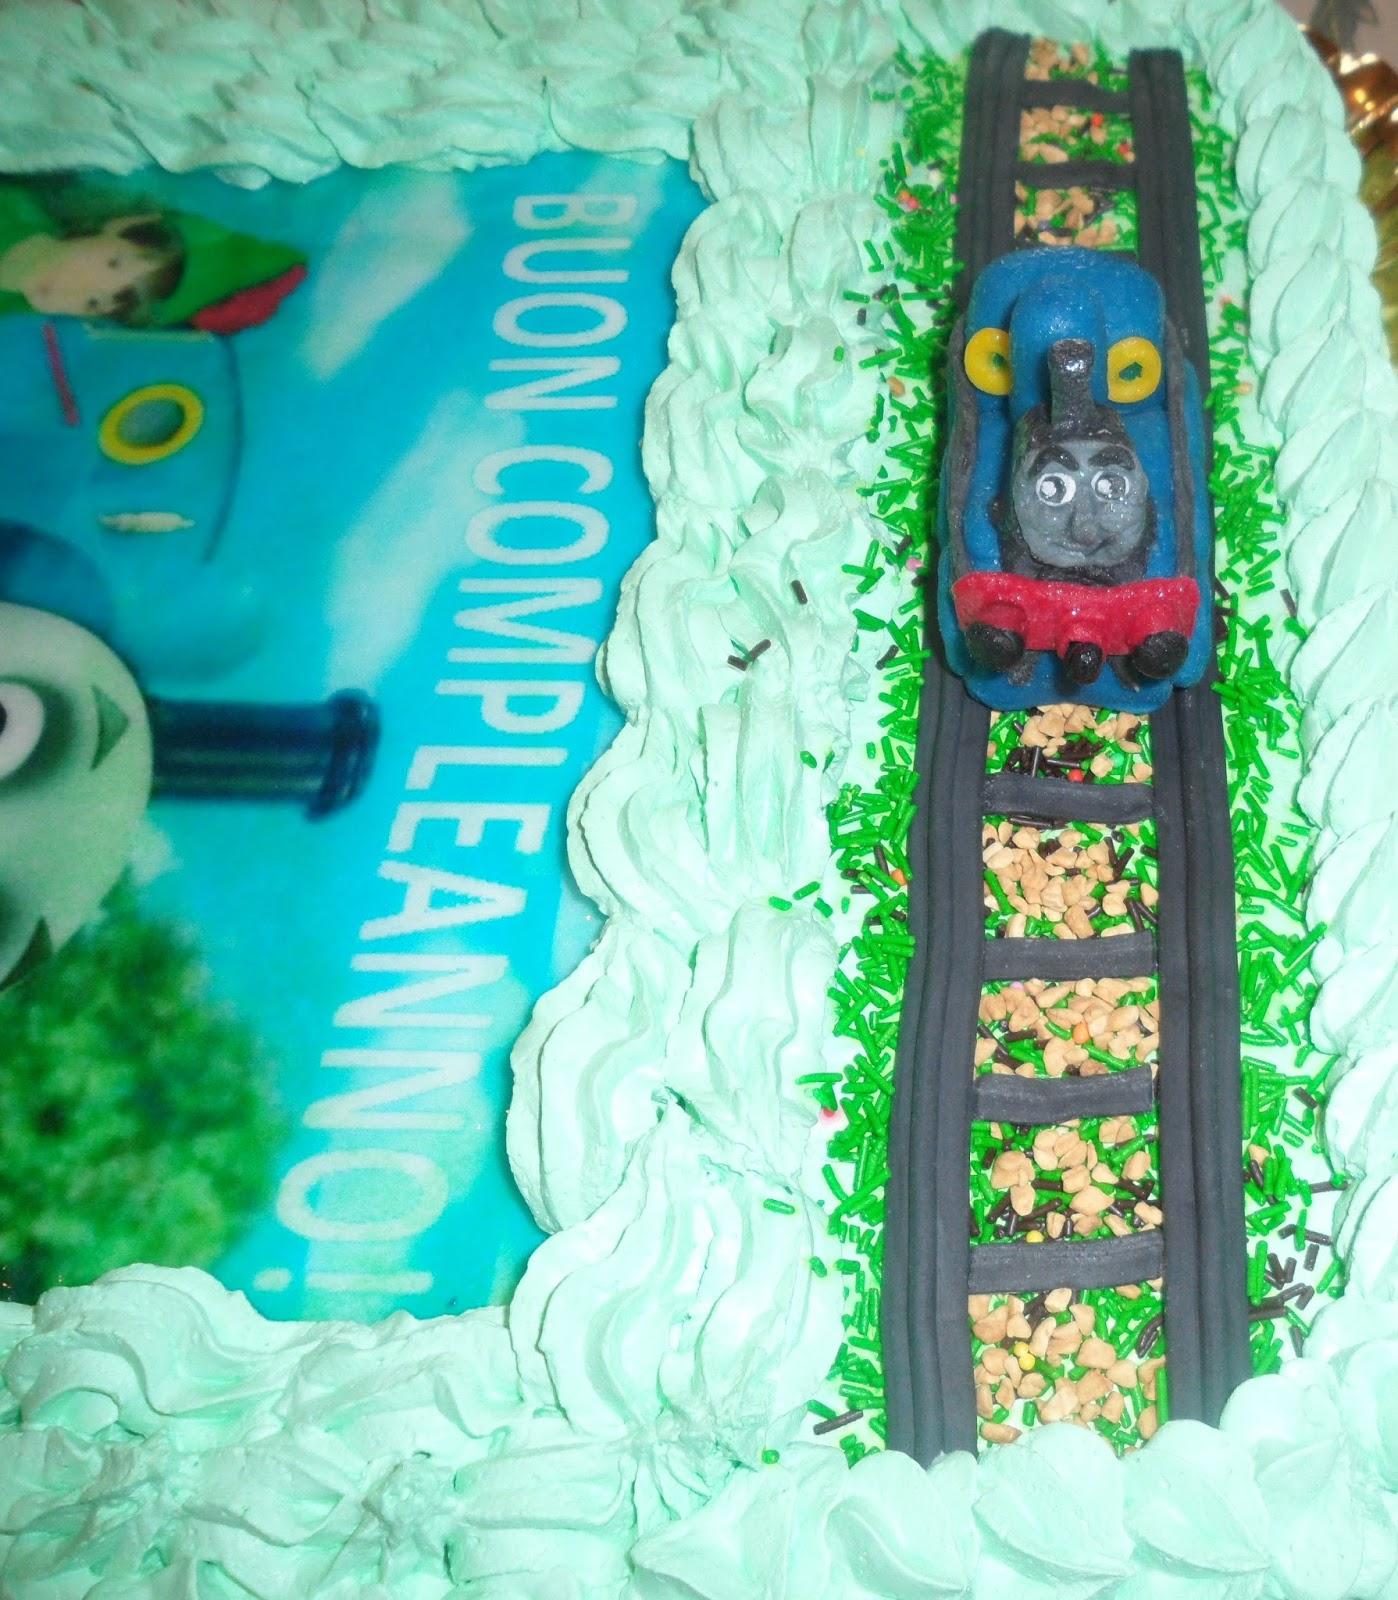 Torte a tema di kriss cagliari sardegna torta col trenino for Decorazioni torte trenino thomas